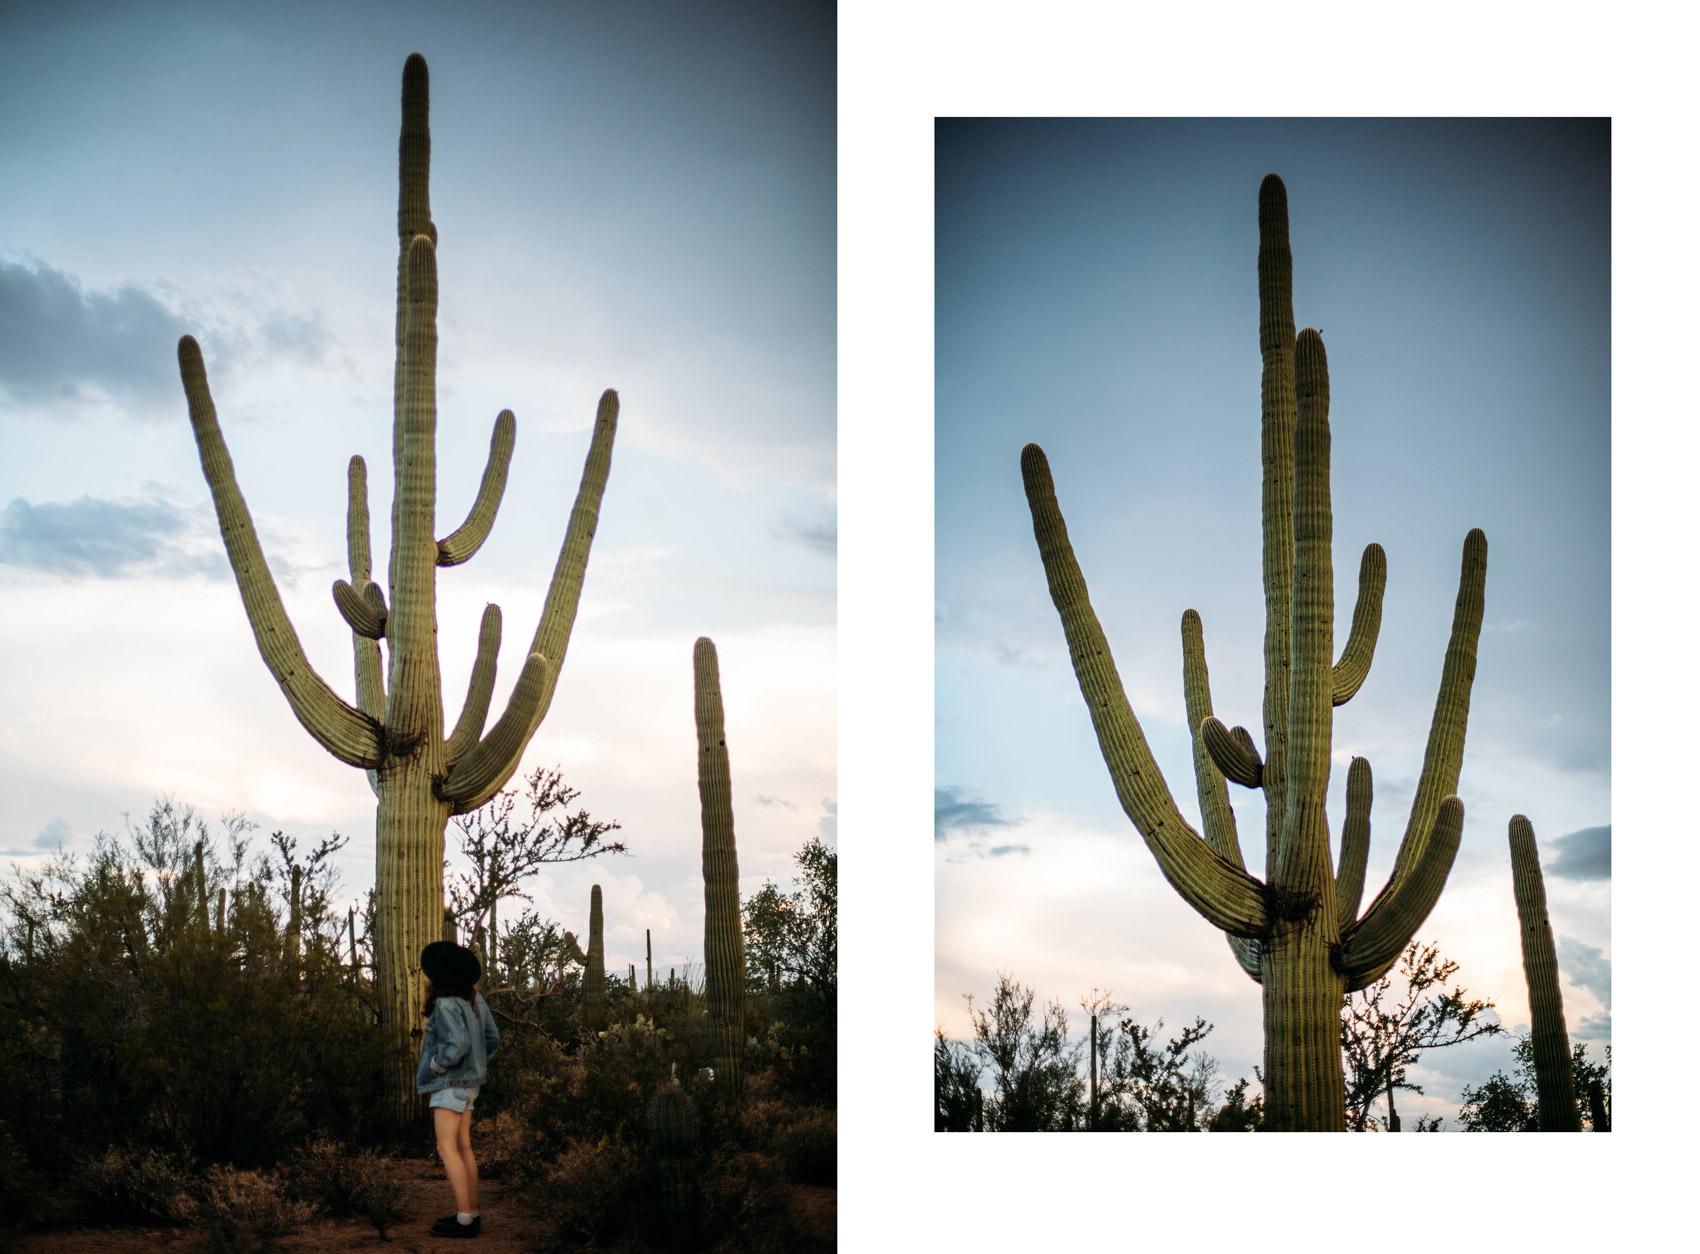 visiter le parc national Saguaro a Tucson